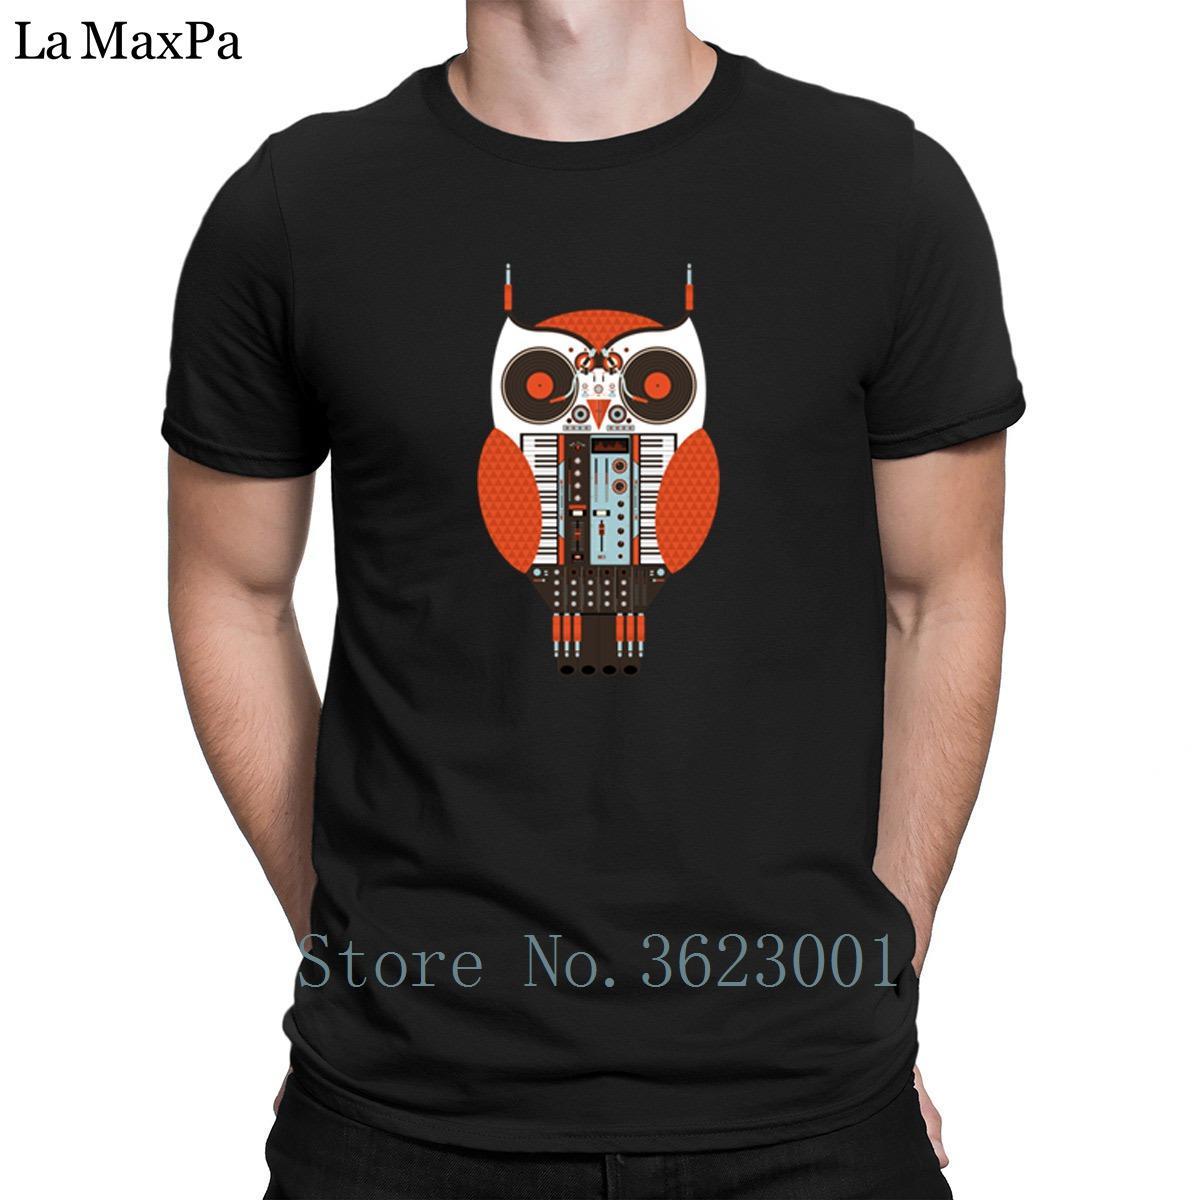 Proyectos Top tee camiseta búho Dj Hombres camiseta estándar obra clásica del hombre básico sólido Camiseta inteligente Euro tamaño S-3XL de los hombres